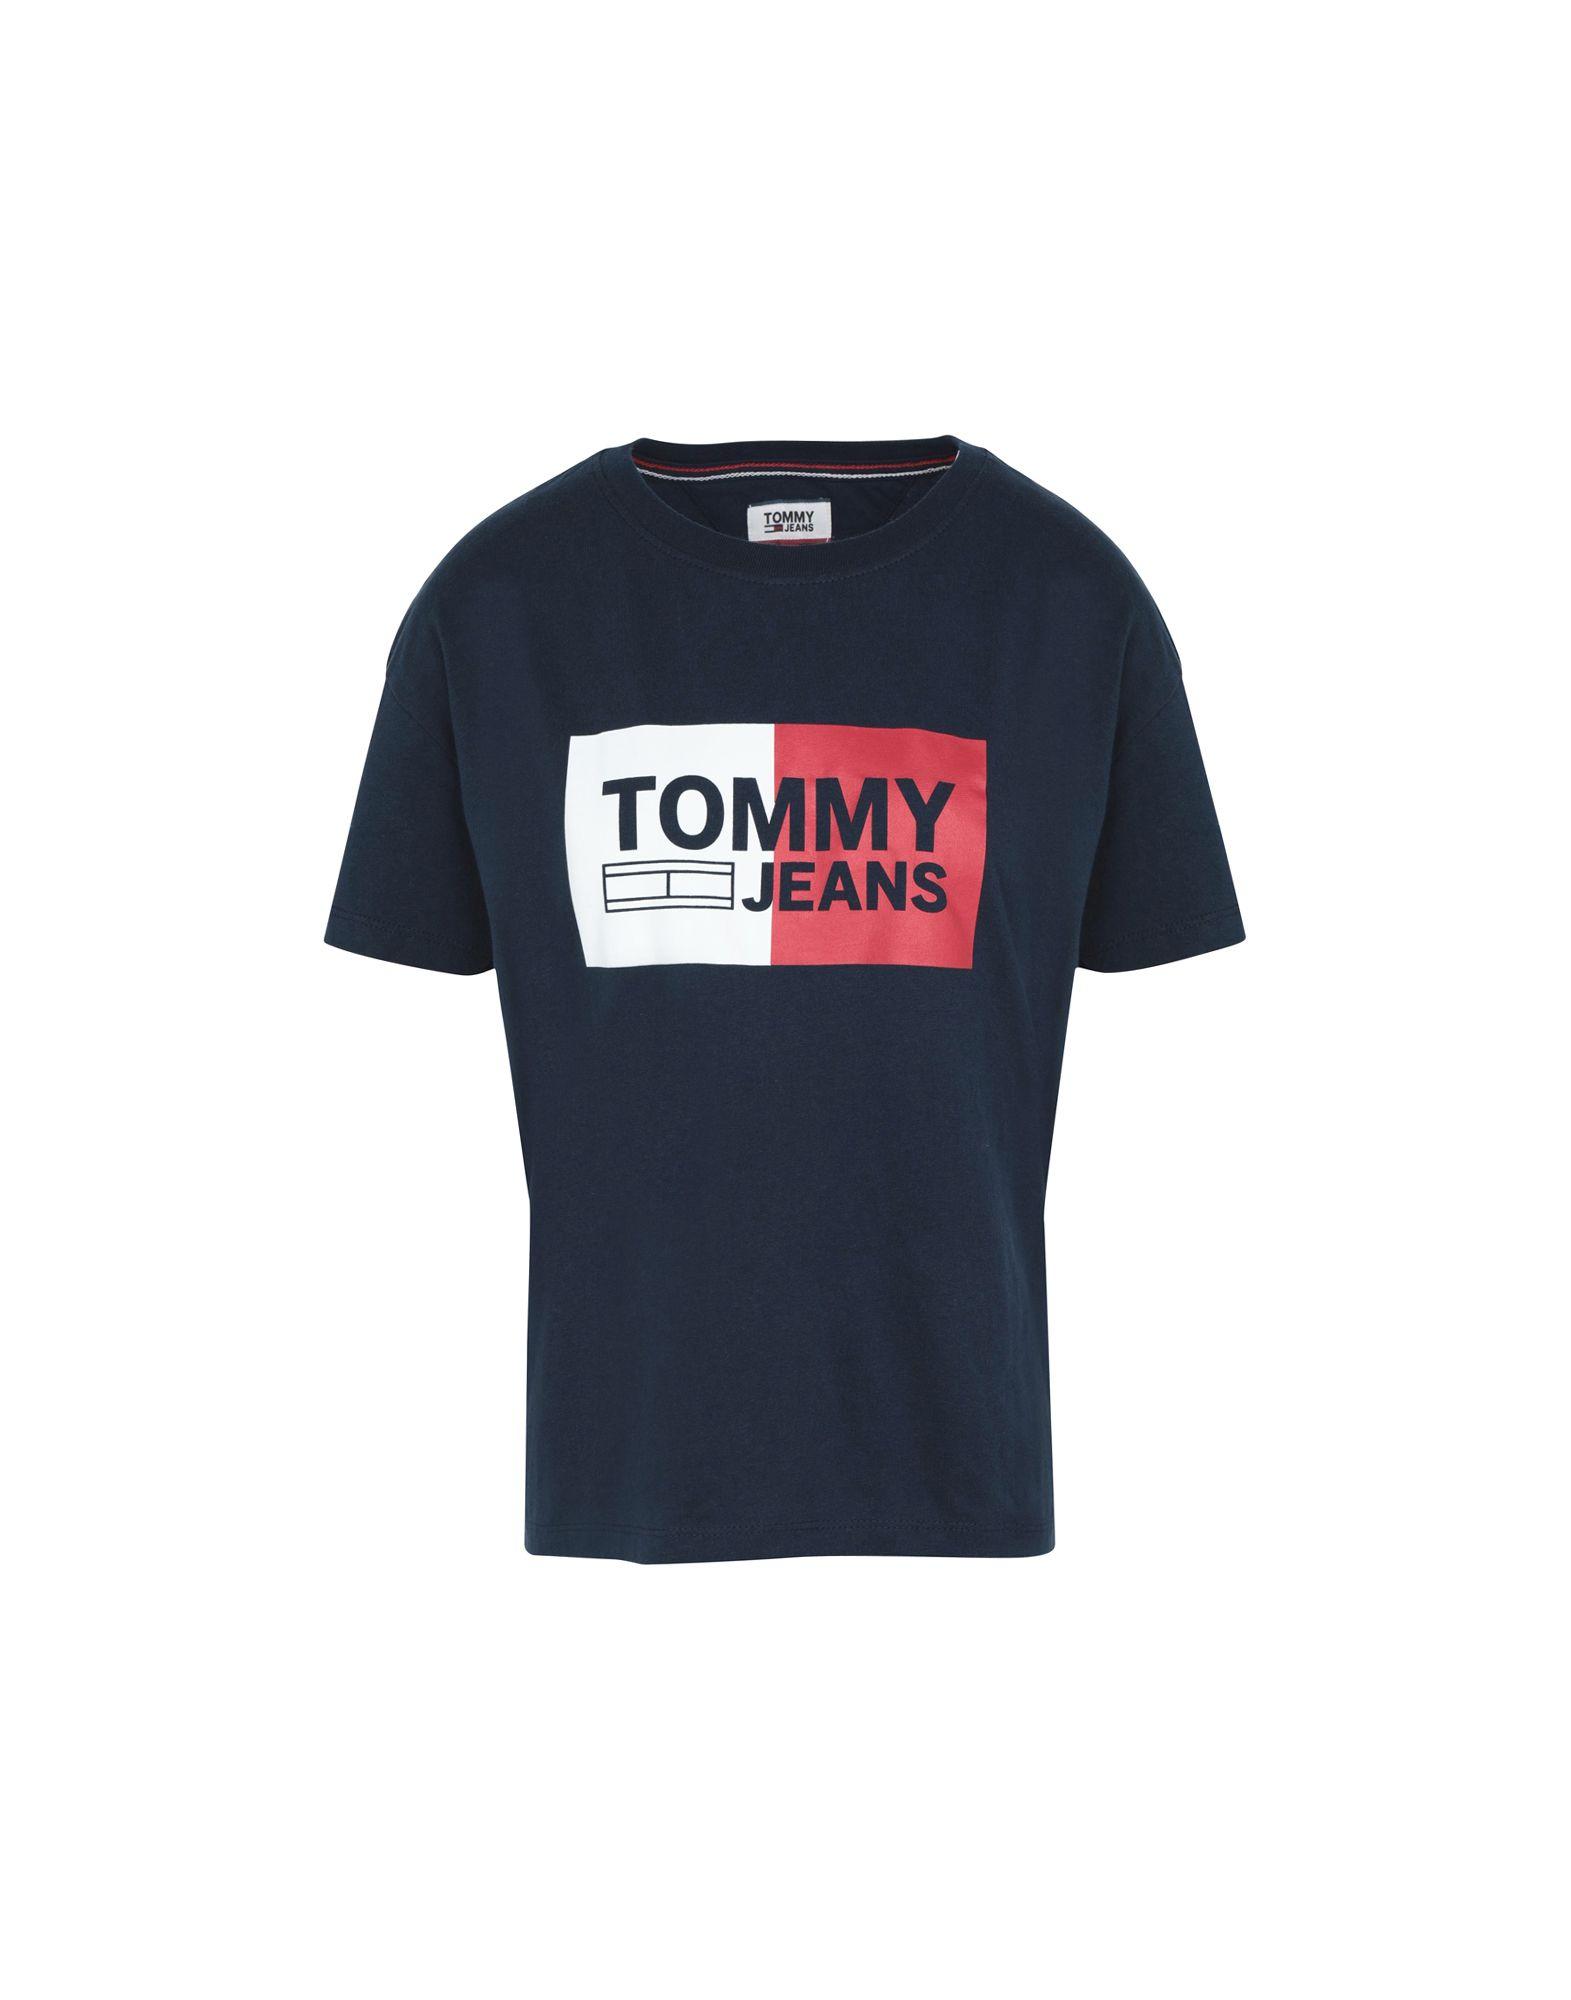 《送料無料》TOMMY JEANS レディース T シャツ ダークブルー XS コットン 100% TJW BOX LOGO TEE